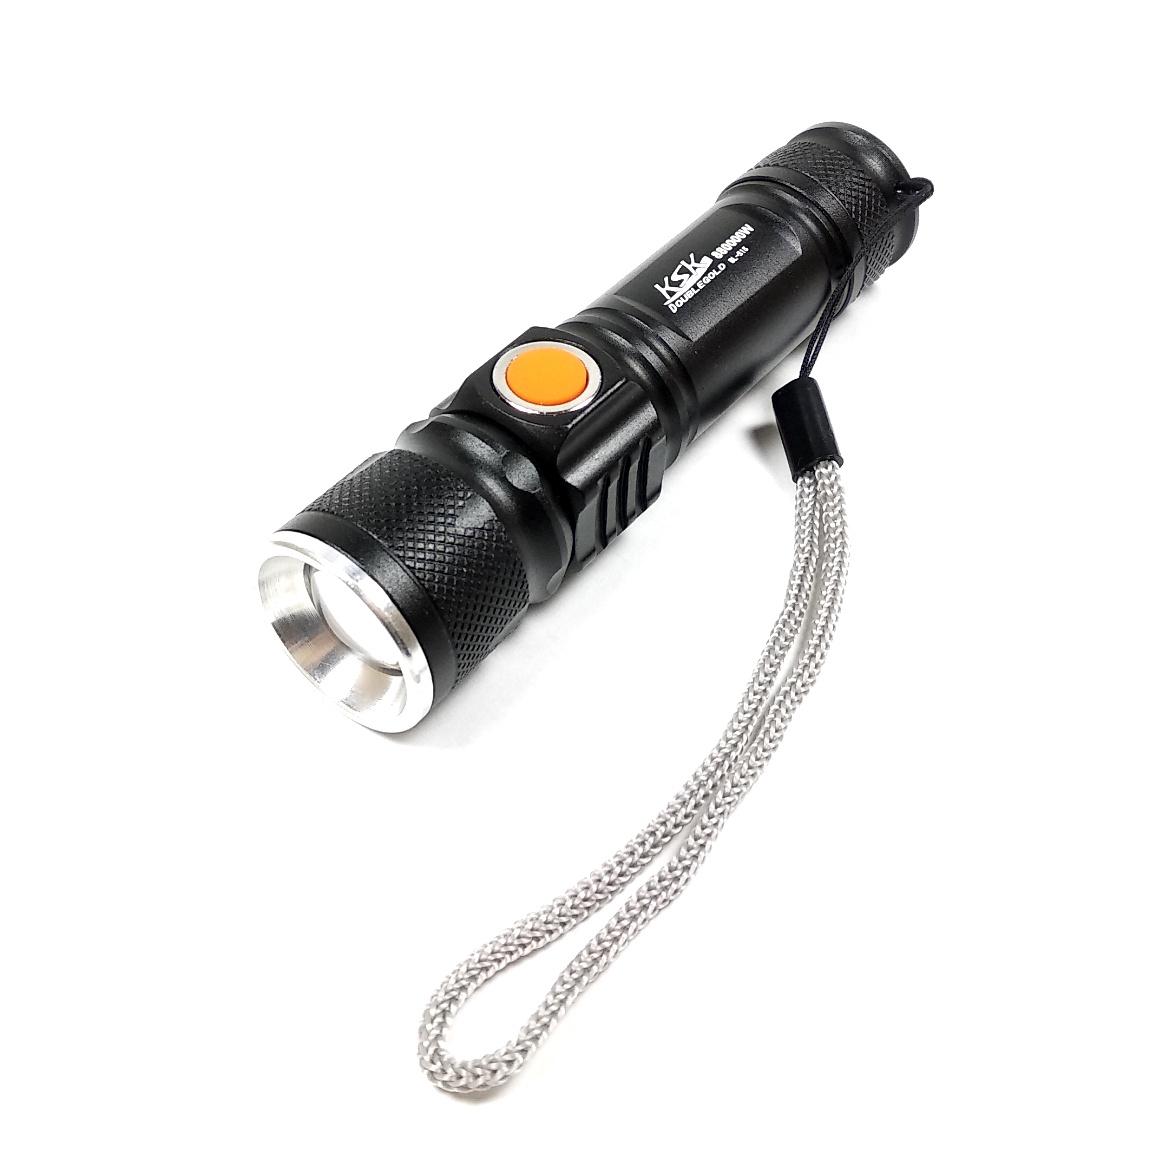 цена на Фонарь аккумуляторный ручной светодиодный с зарядкой от сети KAMEEL BL-515